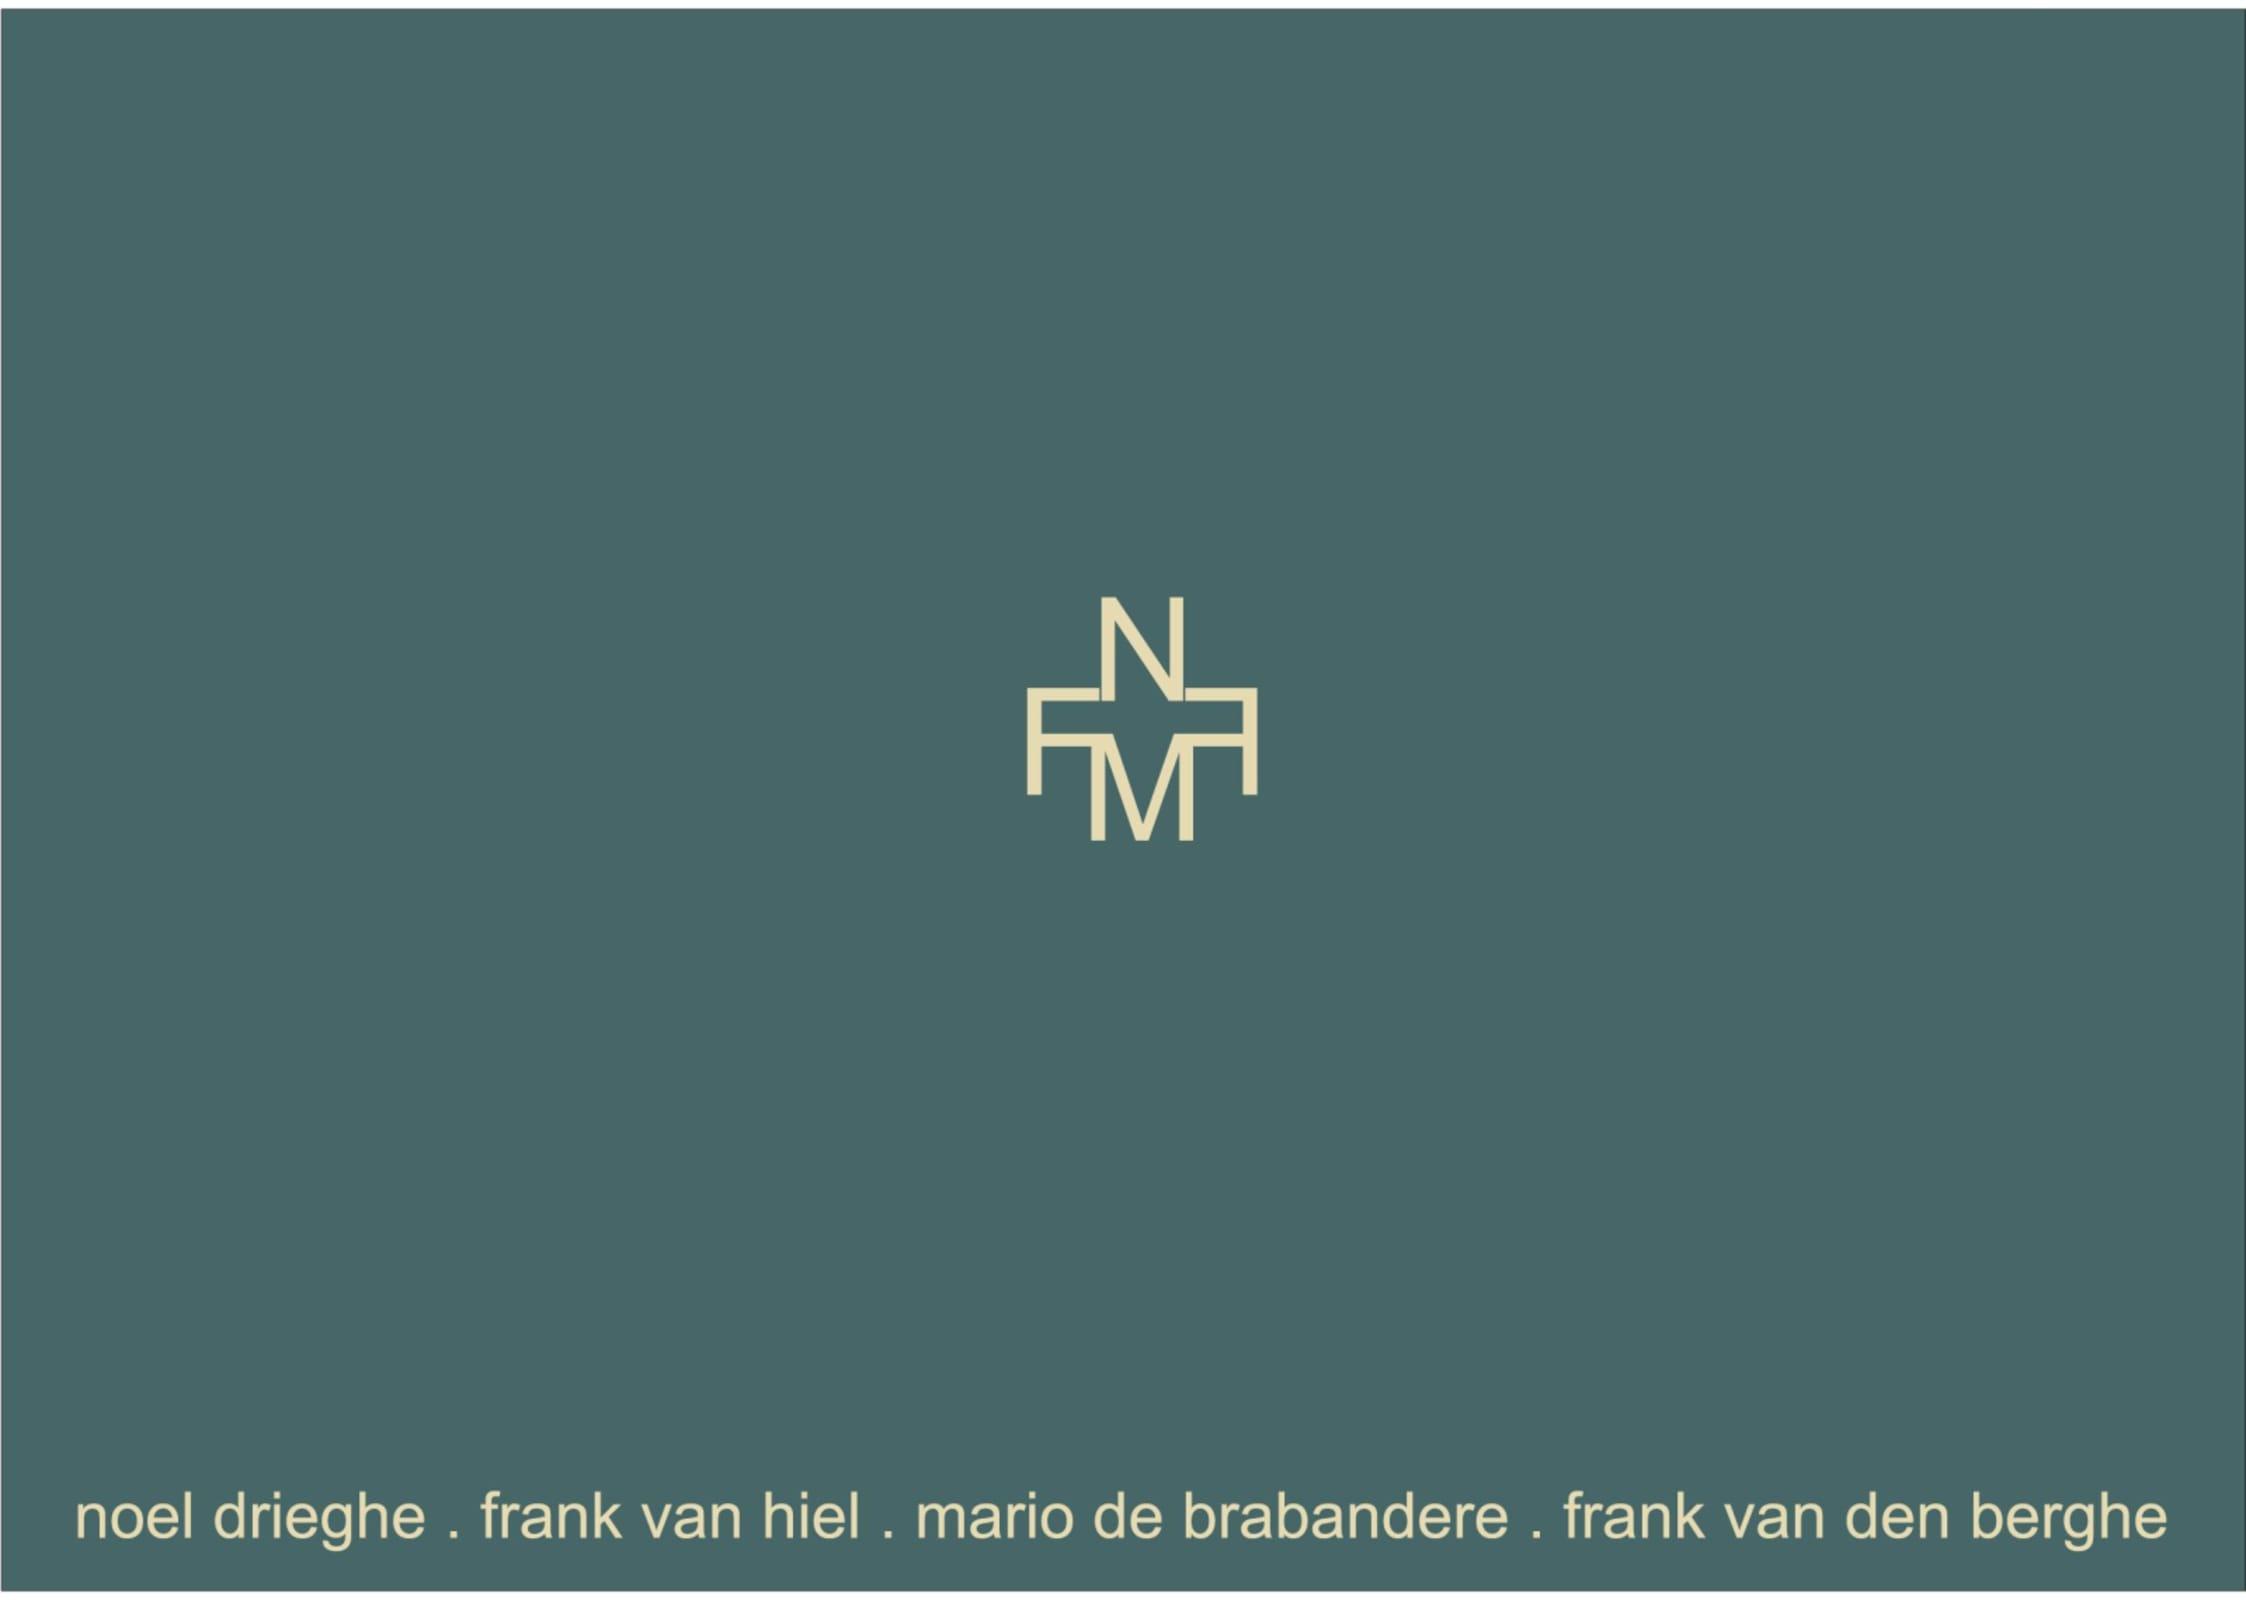 FNFM, ,